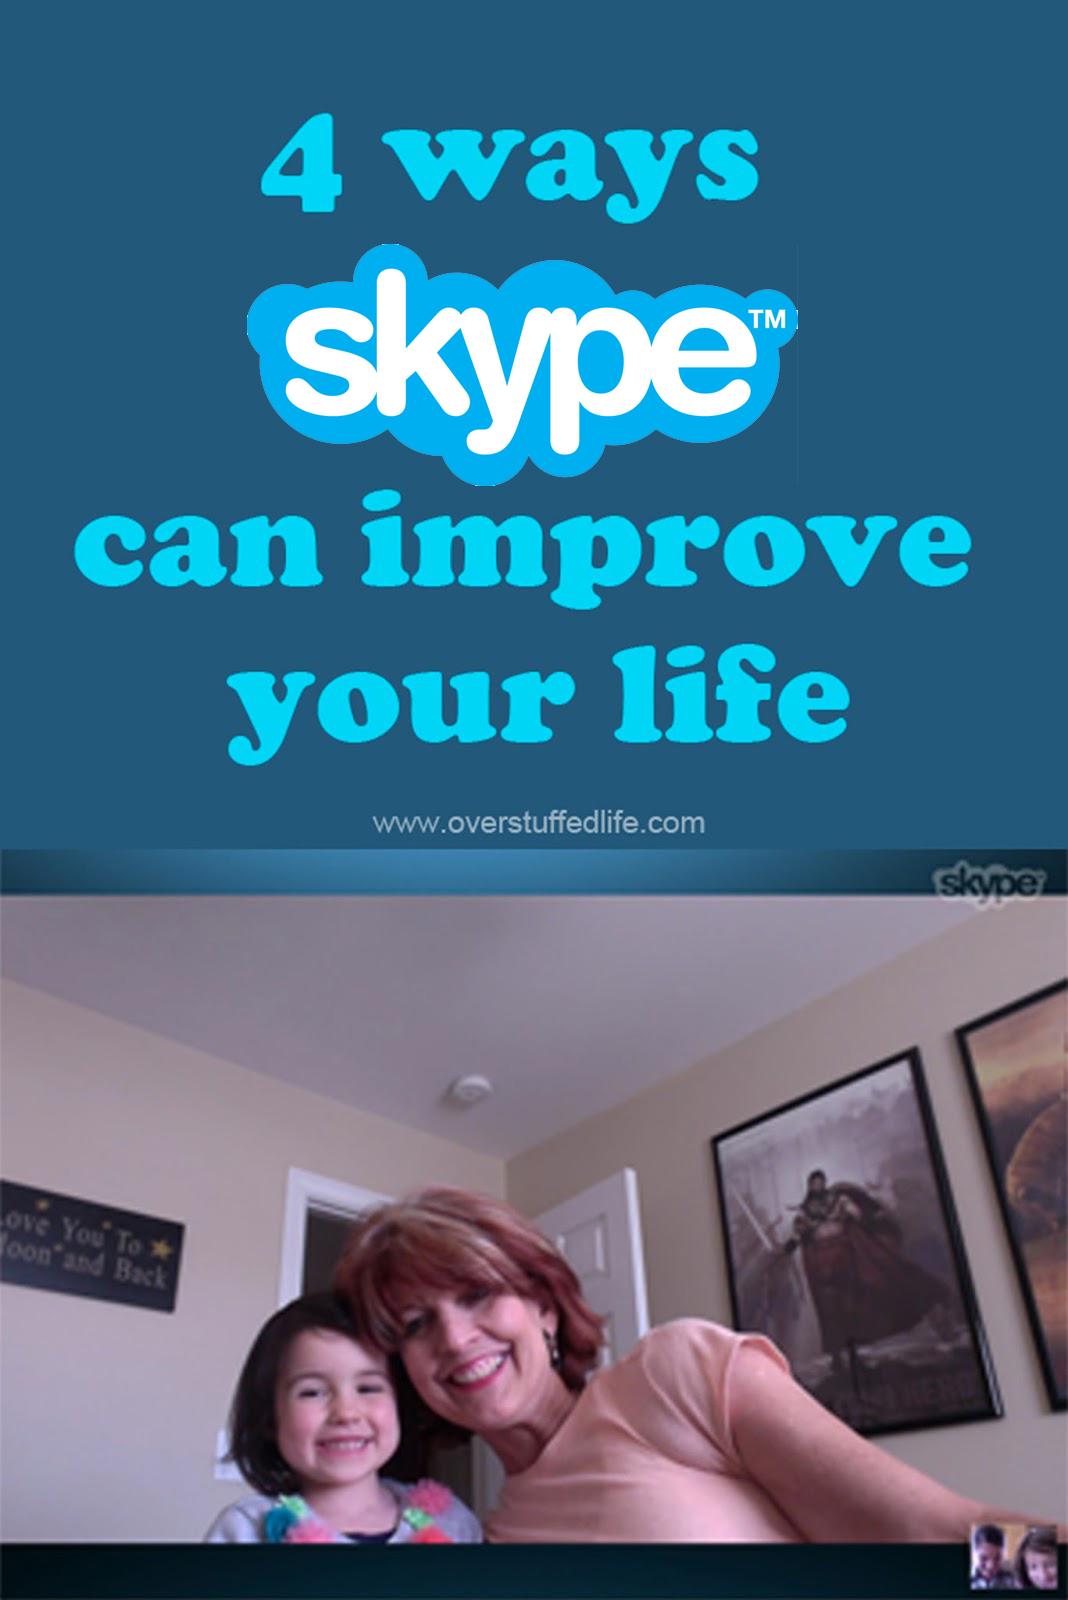 4 Ways Skype Can Improve Your Life